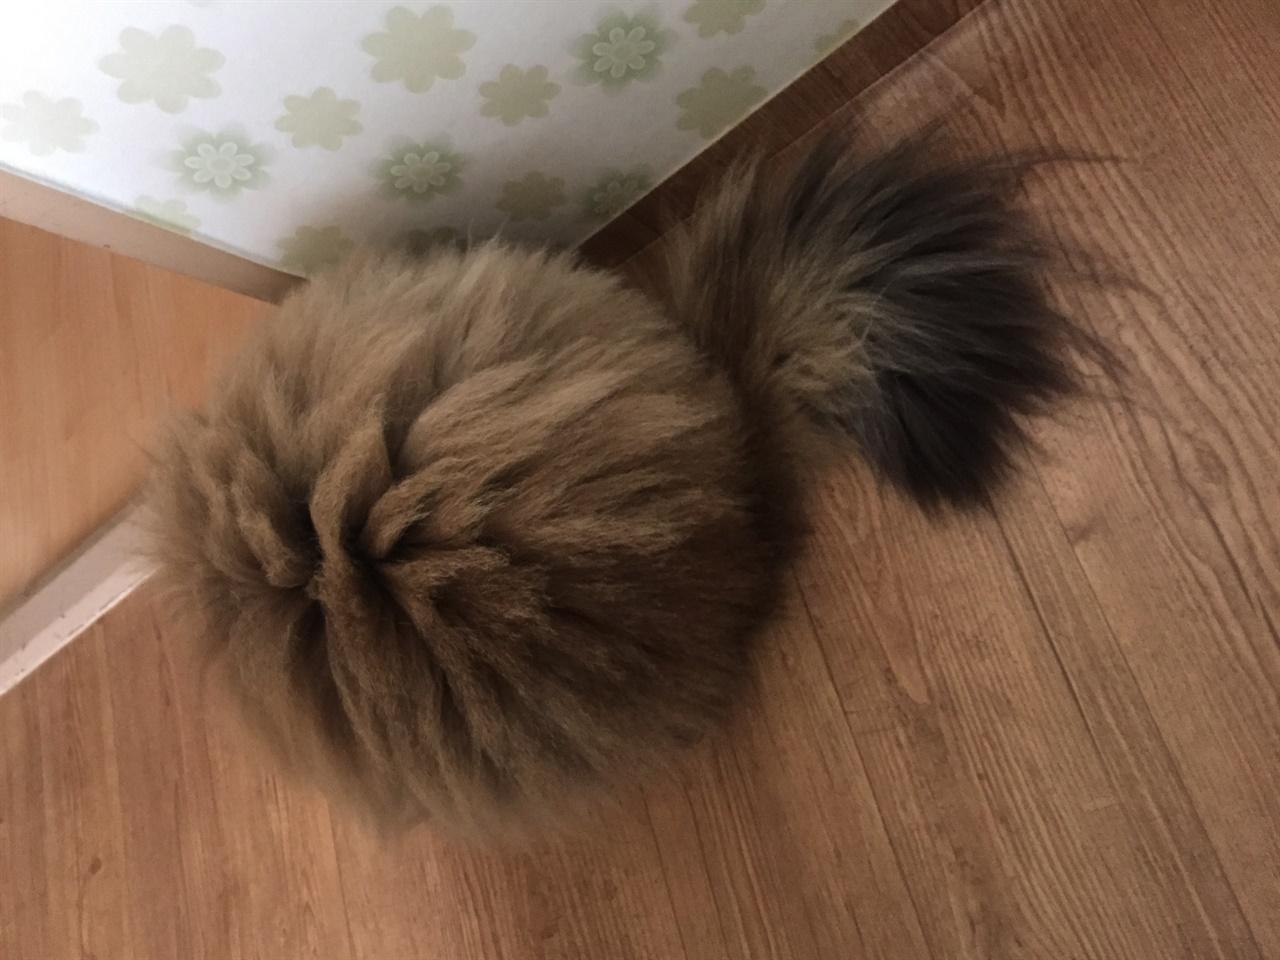 풍성한 고양이 꼬리털 느긋하고 온순한 성격과 귀족의 풍모를 자랑하는 페르시안 고양이